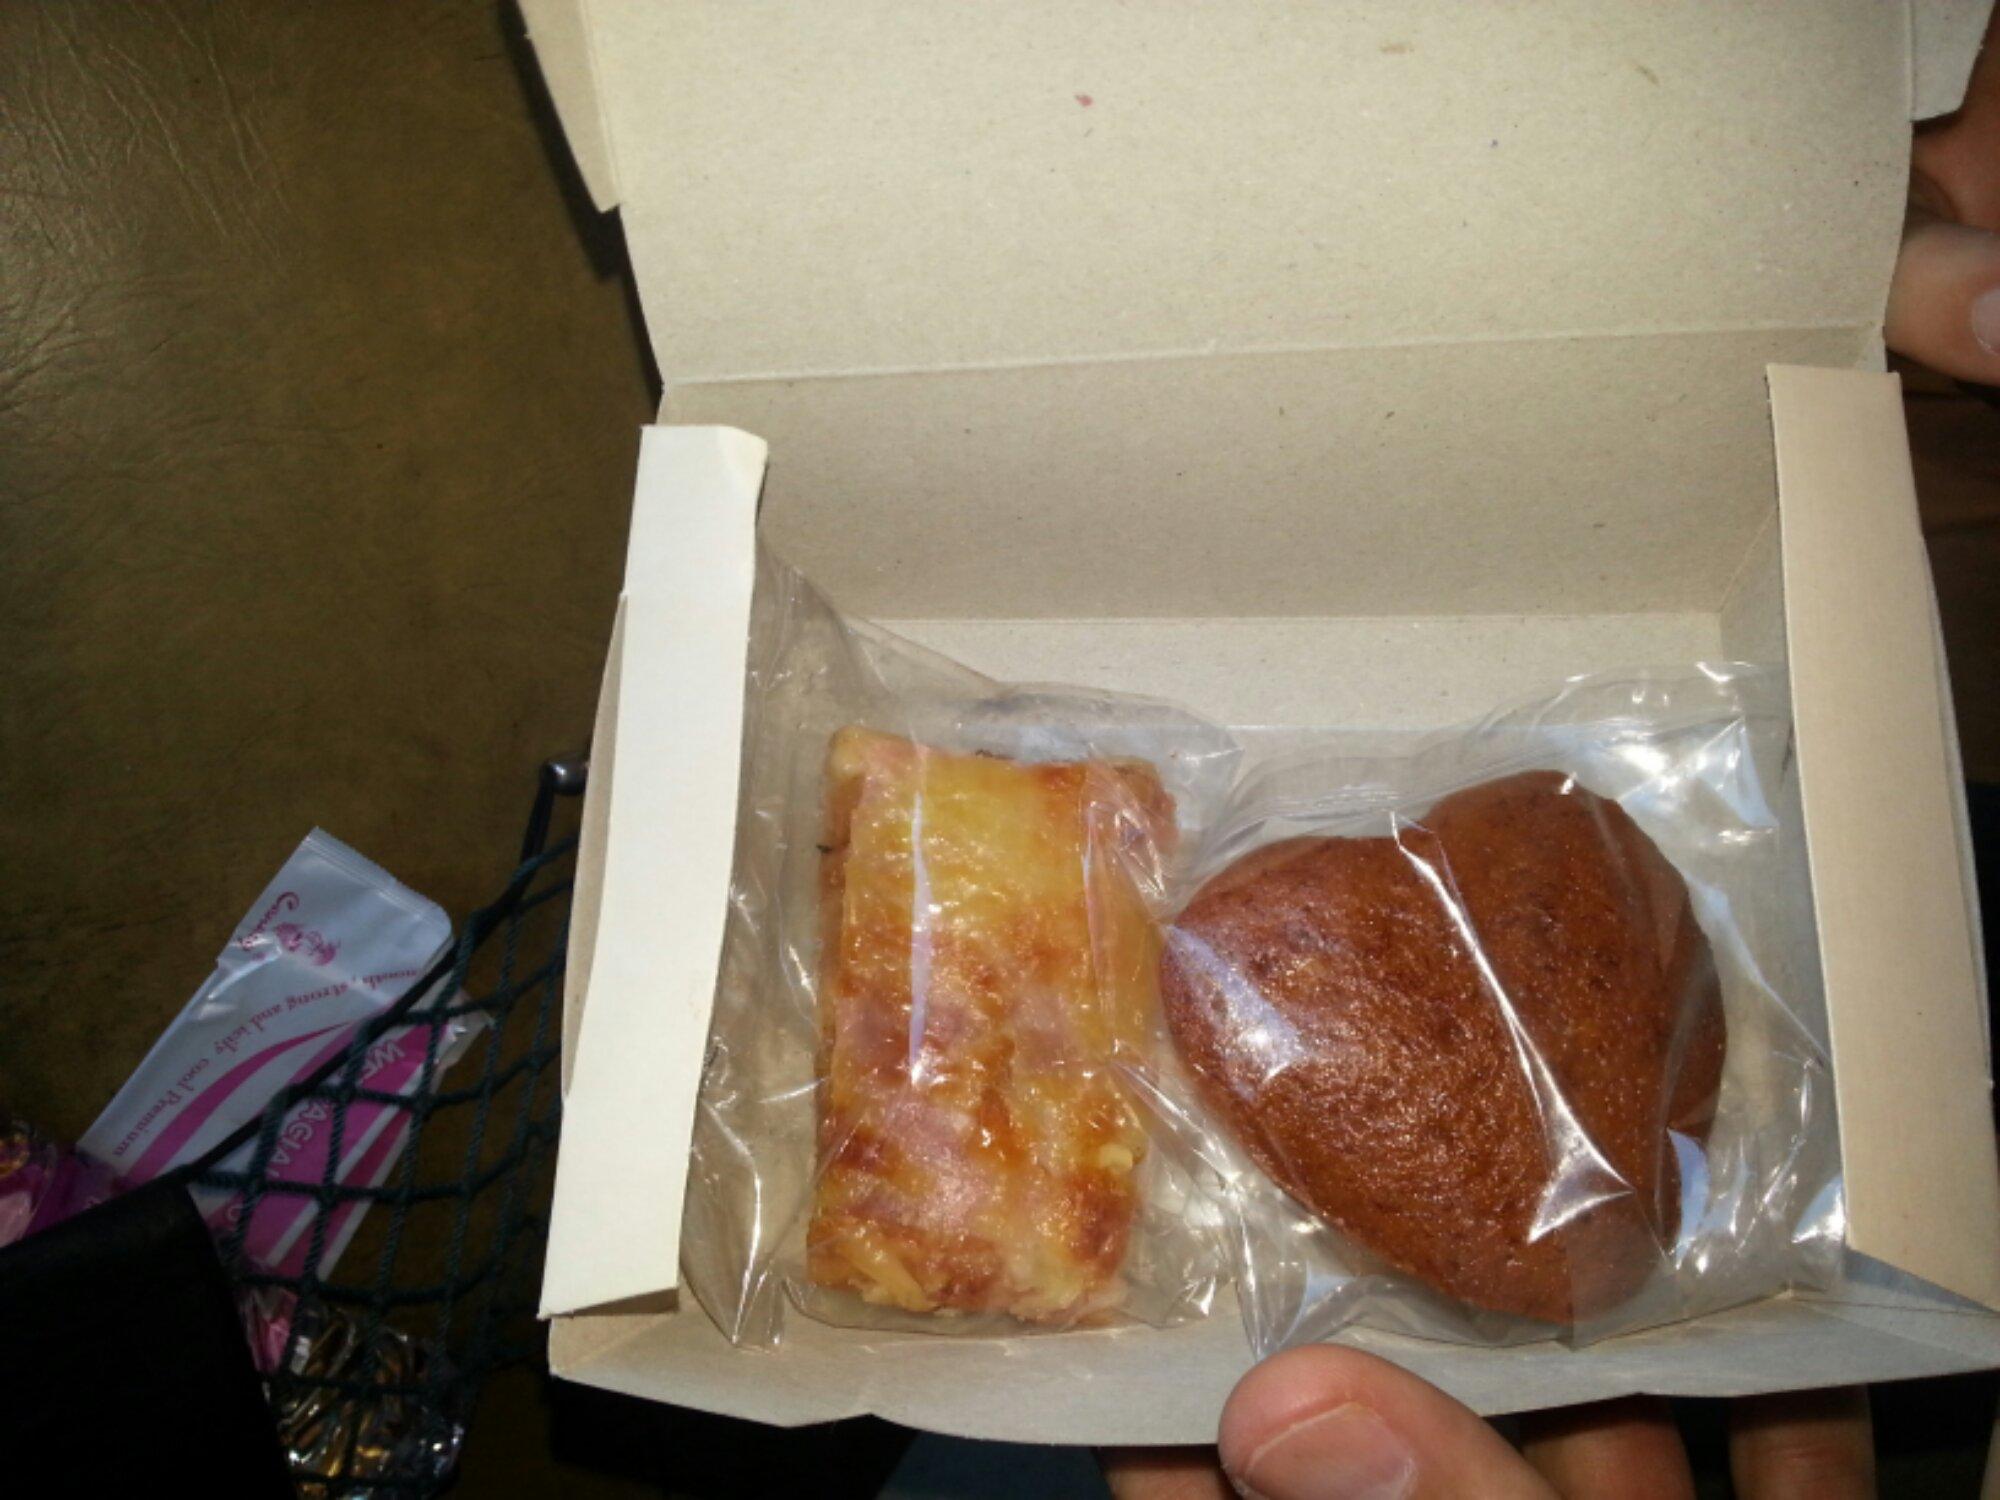 Snack im Bus von Mekong Express in Kambodscha: Mini-Pizza und Muffin